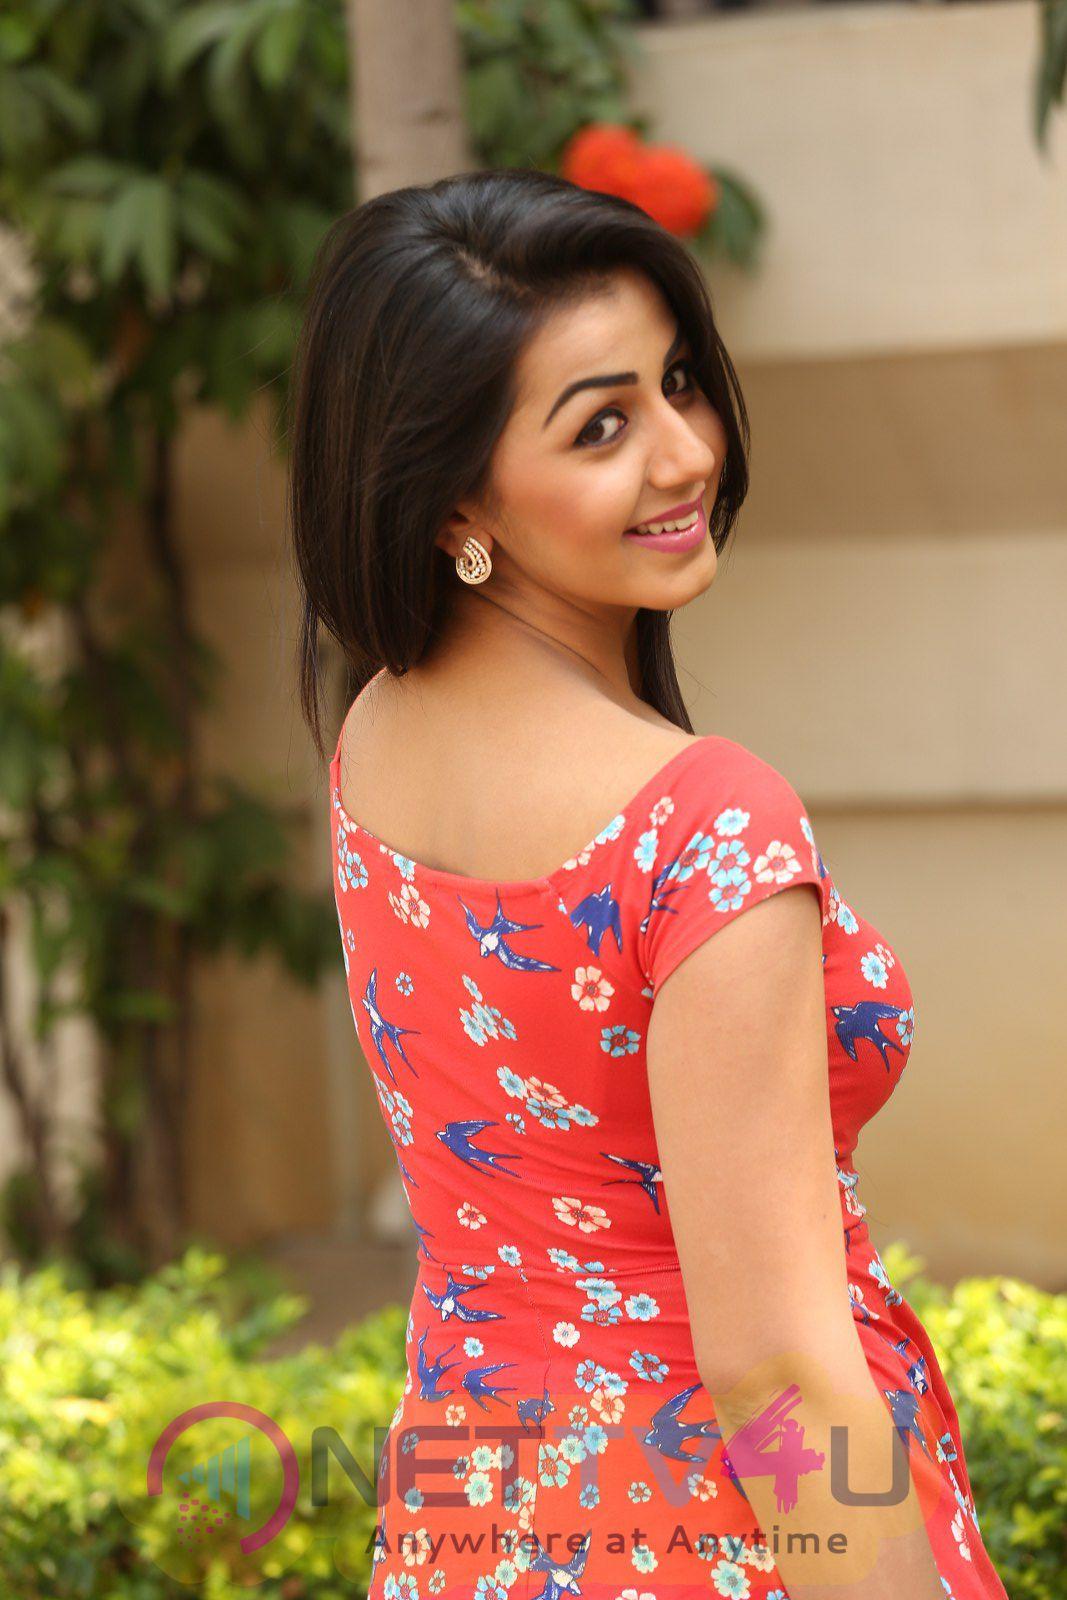 Nikki galrani hot photo imagesNikki Galrani Navel show - Pinterest Actress nikki hot photos